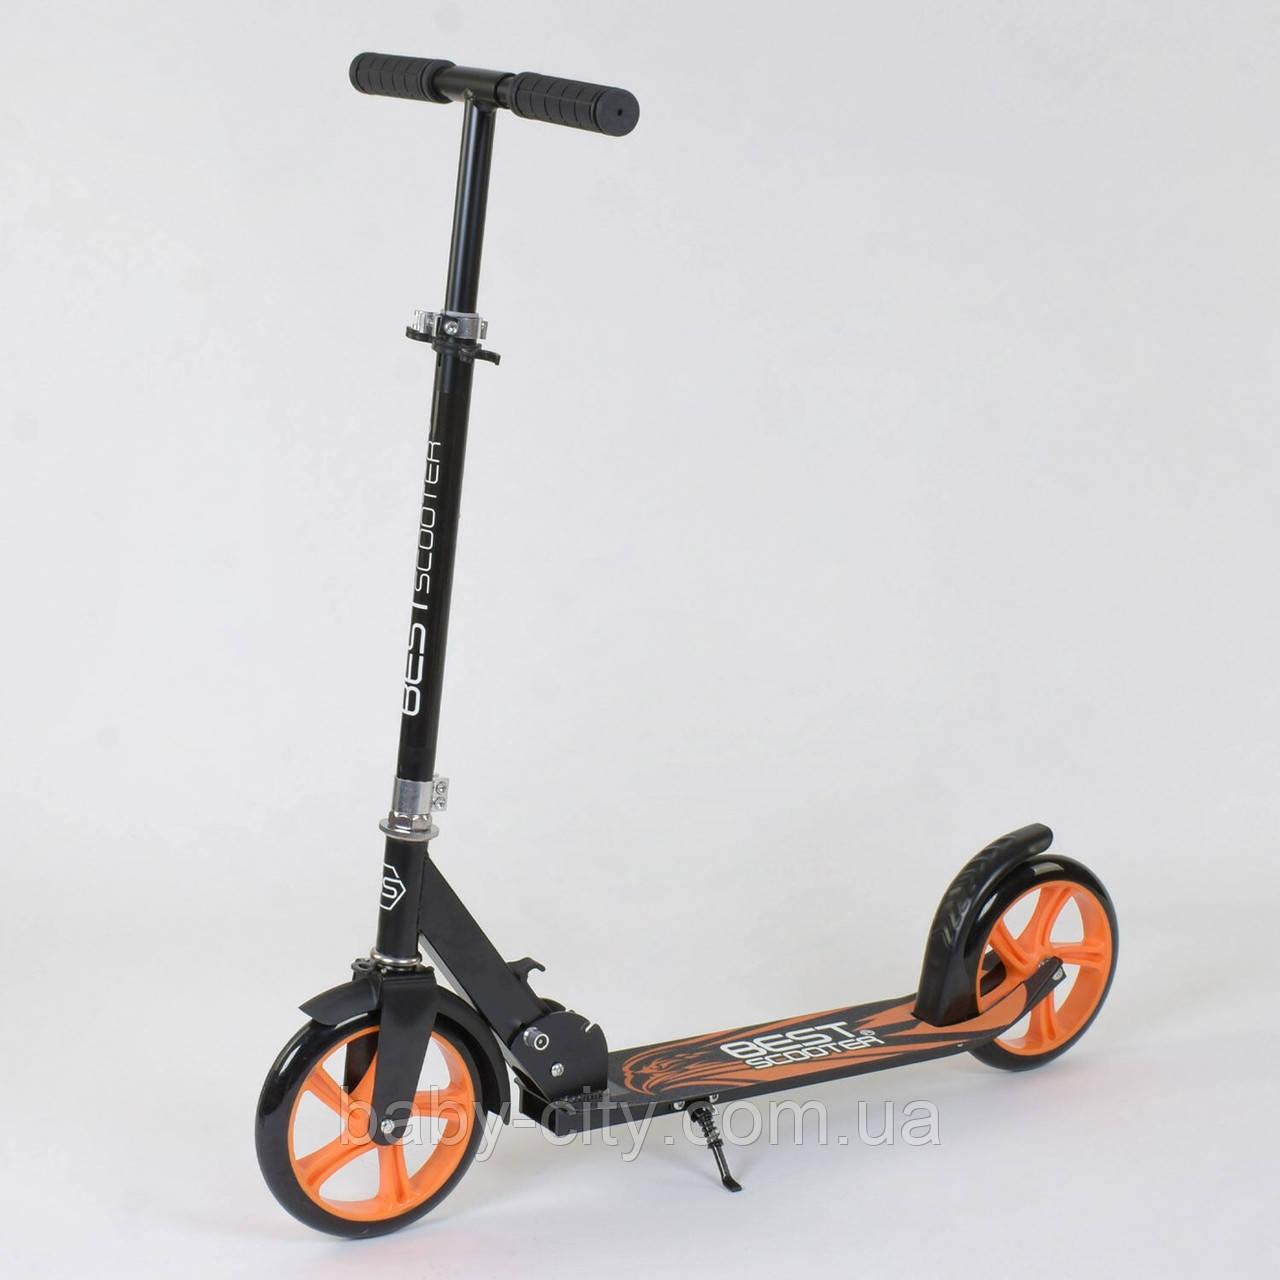 Самокат складной алюминиевый Best Scooter 89993 Черный с оранжевым